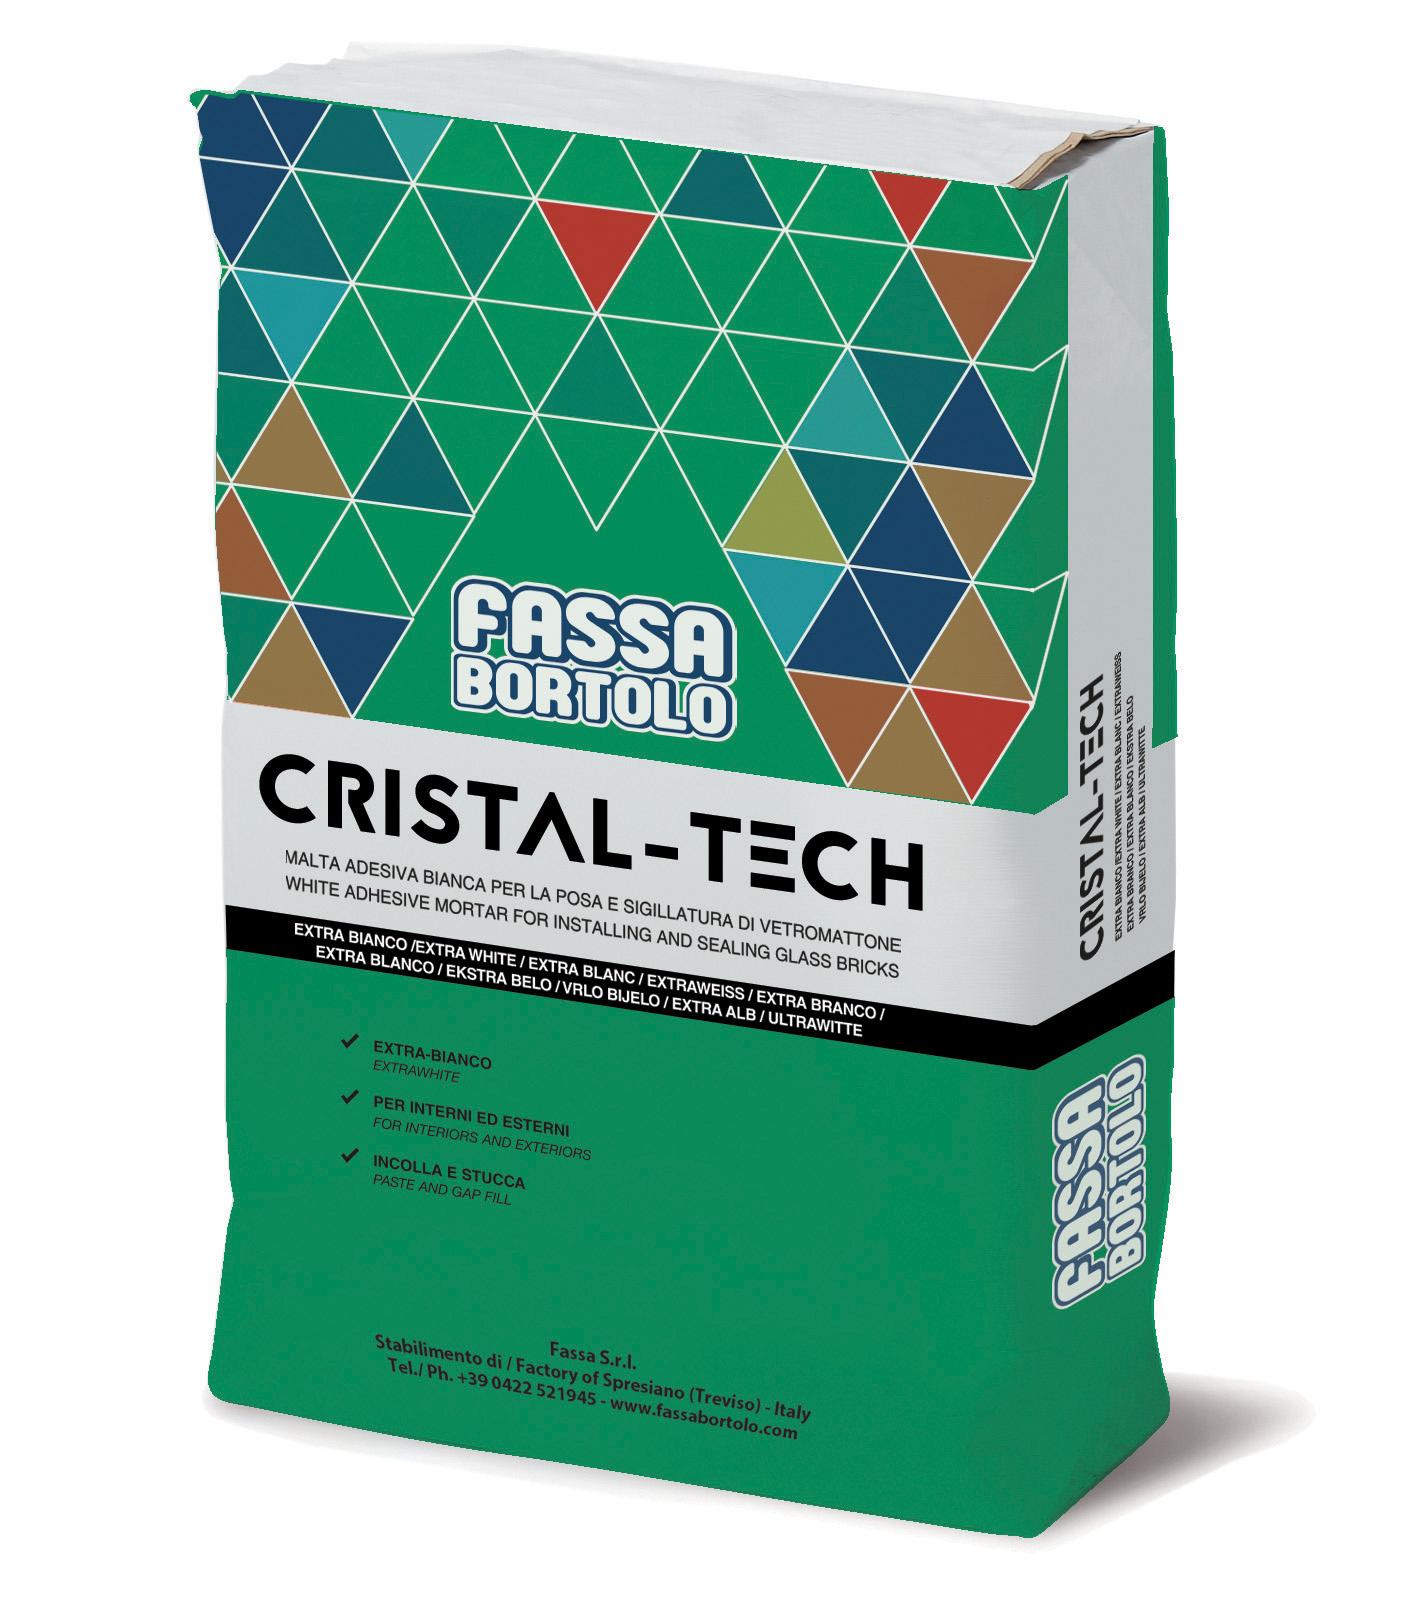 CRISTAL-TECH: Adesivo cementizio extra-bianco per elementi in vetromattone